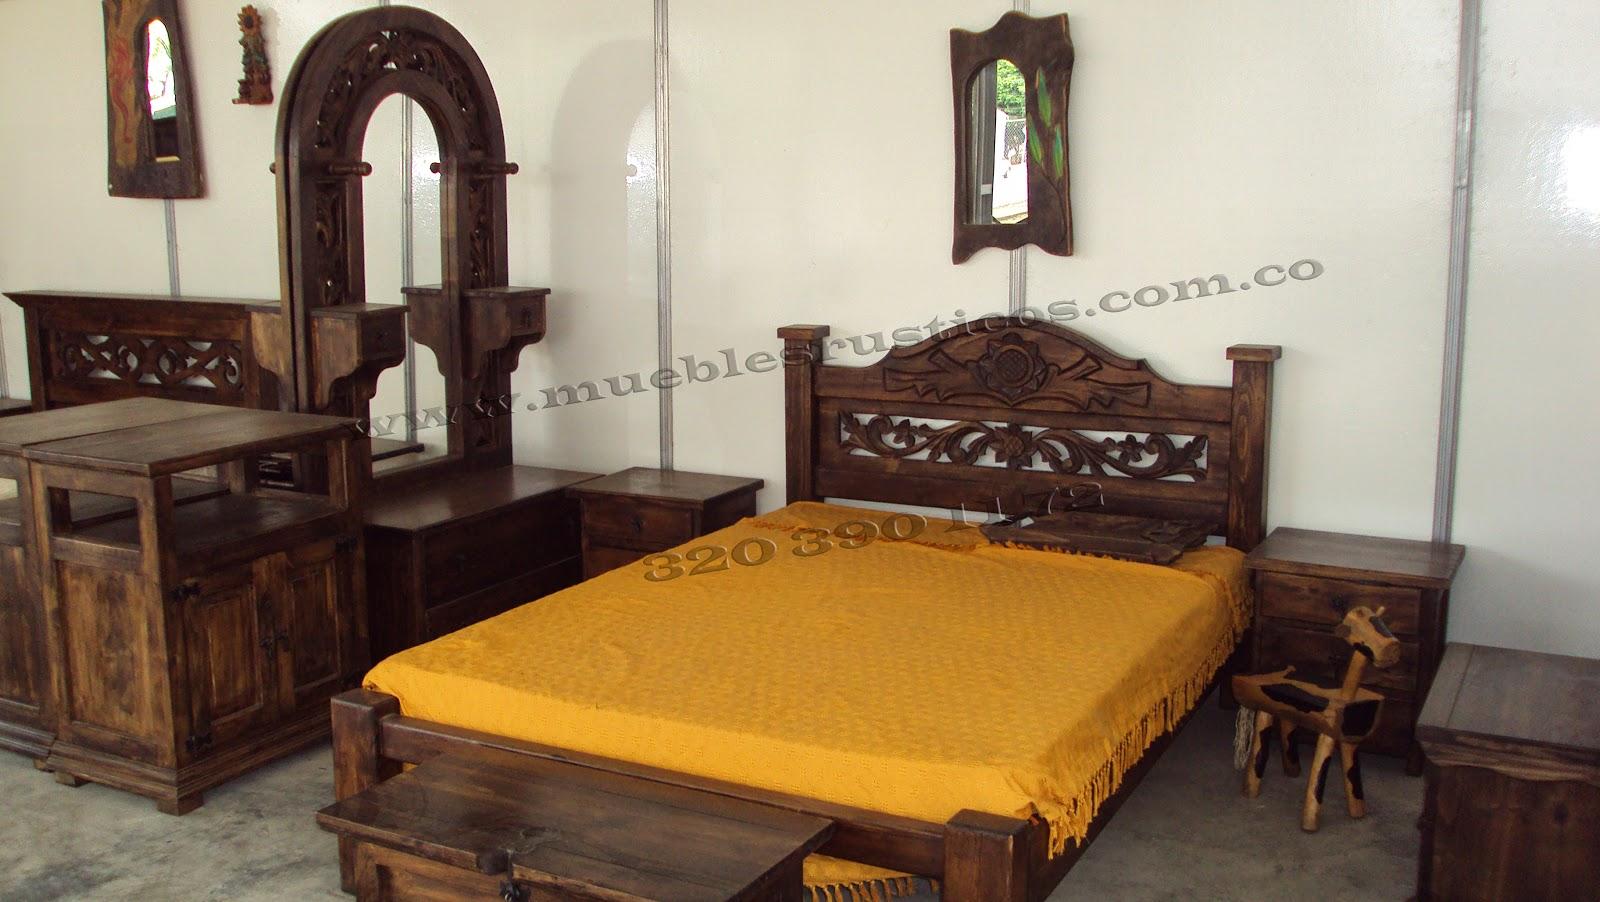 Cama madera rustica todo maderas rustico t rusticas for Muebles rusticos en madera